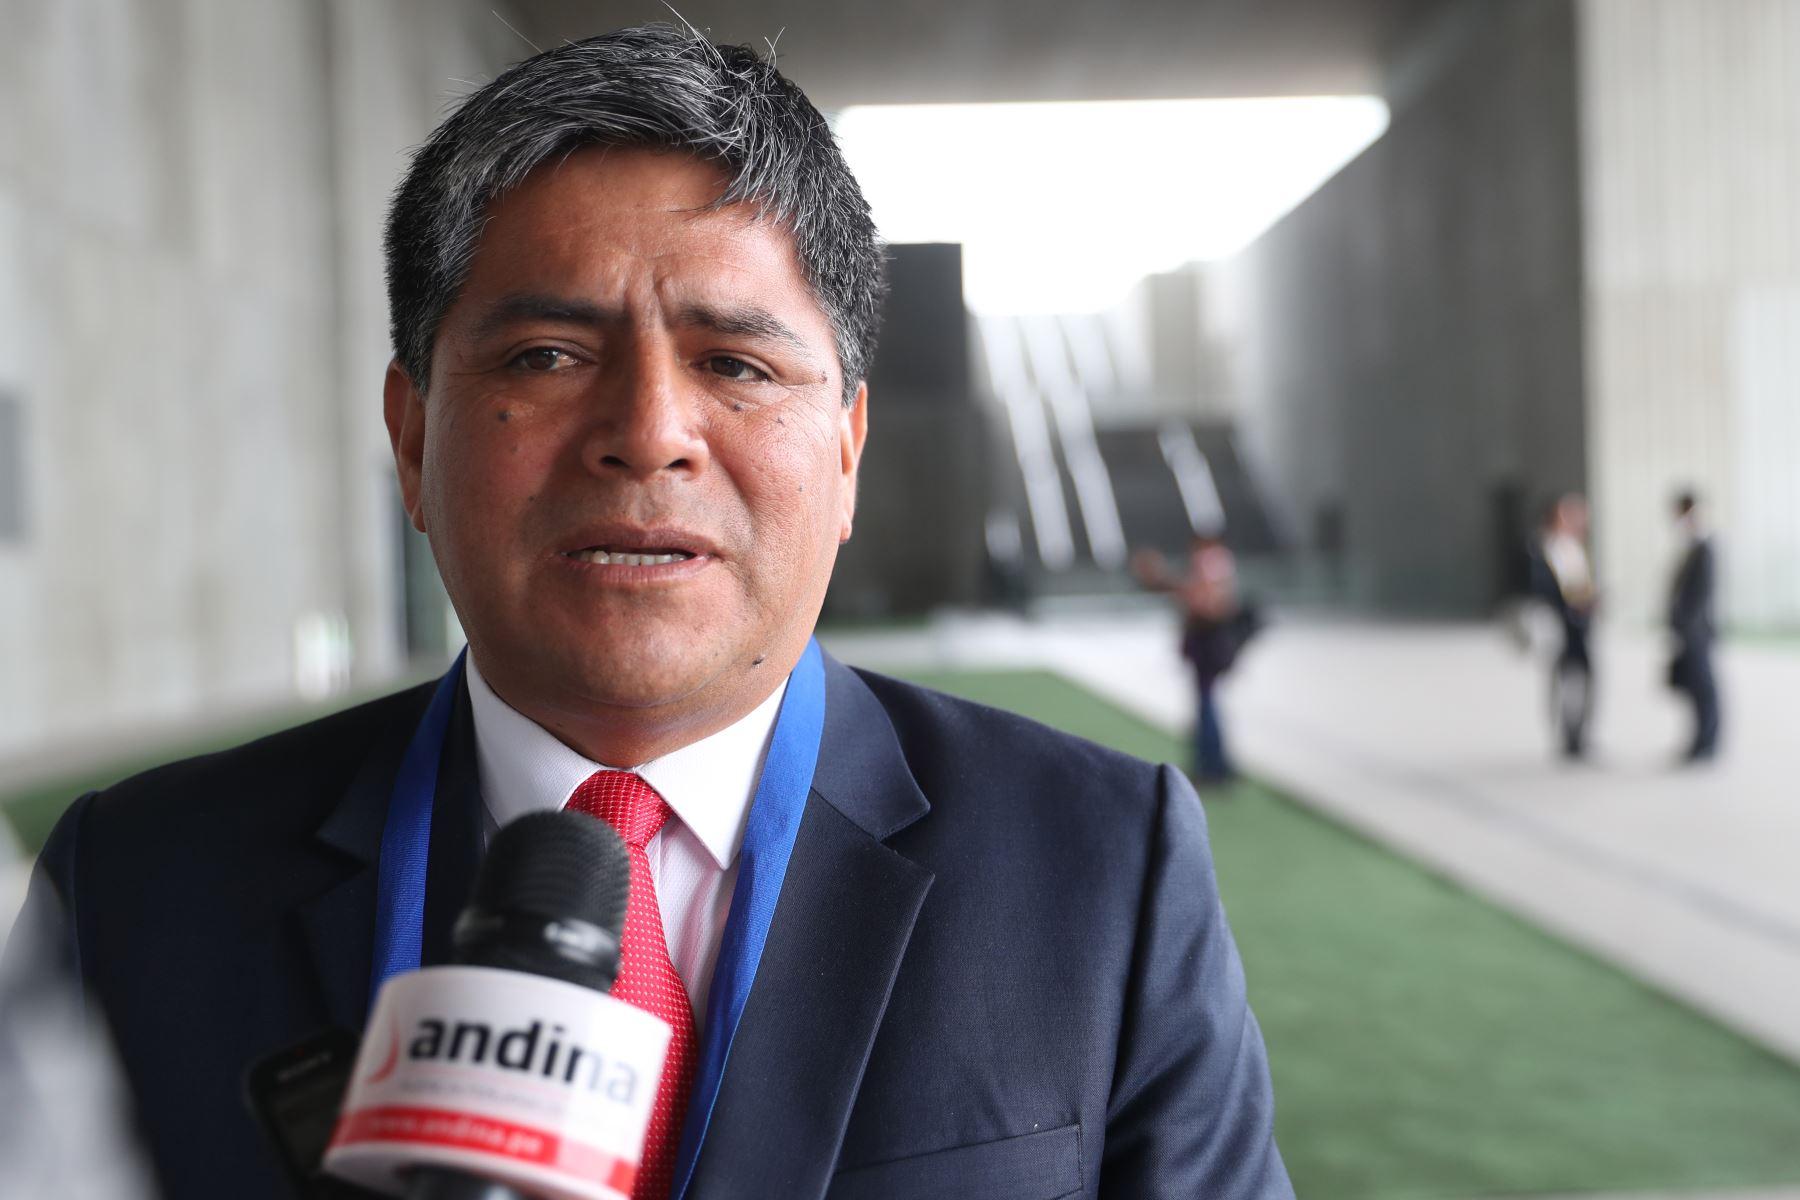 El gobernador regional de Ayacucho, Carlos Rúa, participó en 12º Gore Ejecutivo. que se desarrolla en Lima. Foto: ANDINA/Melina Mejía